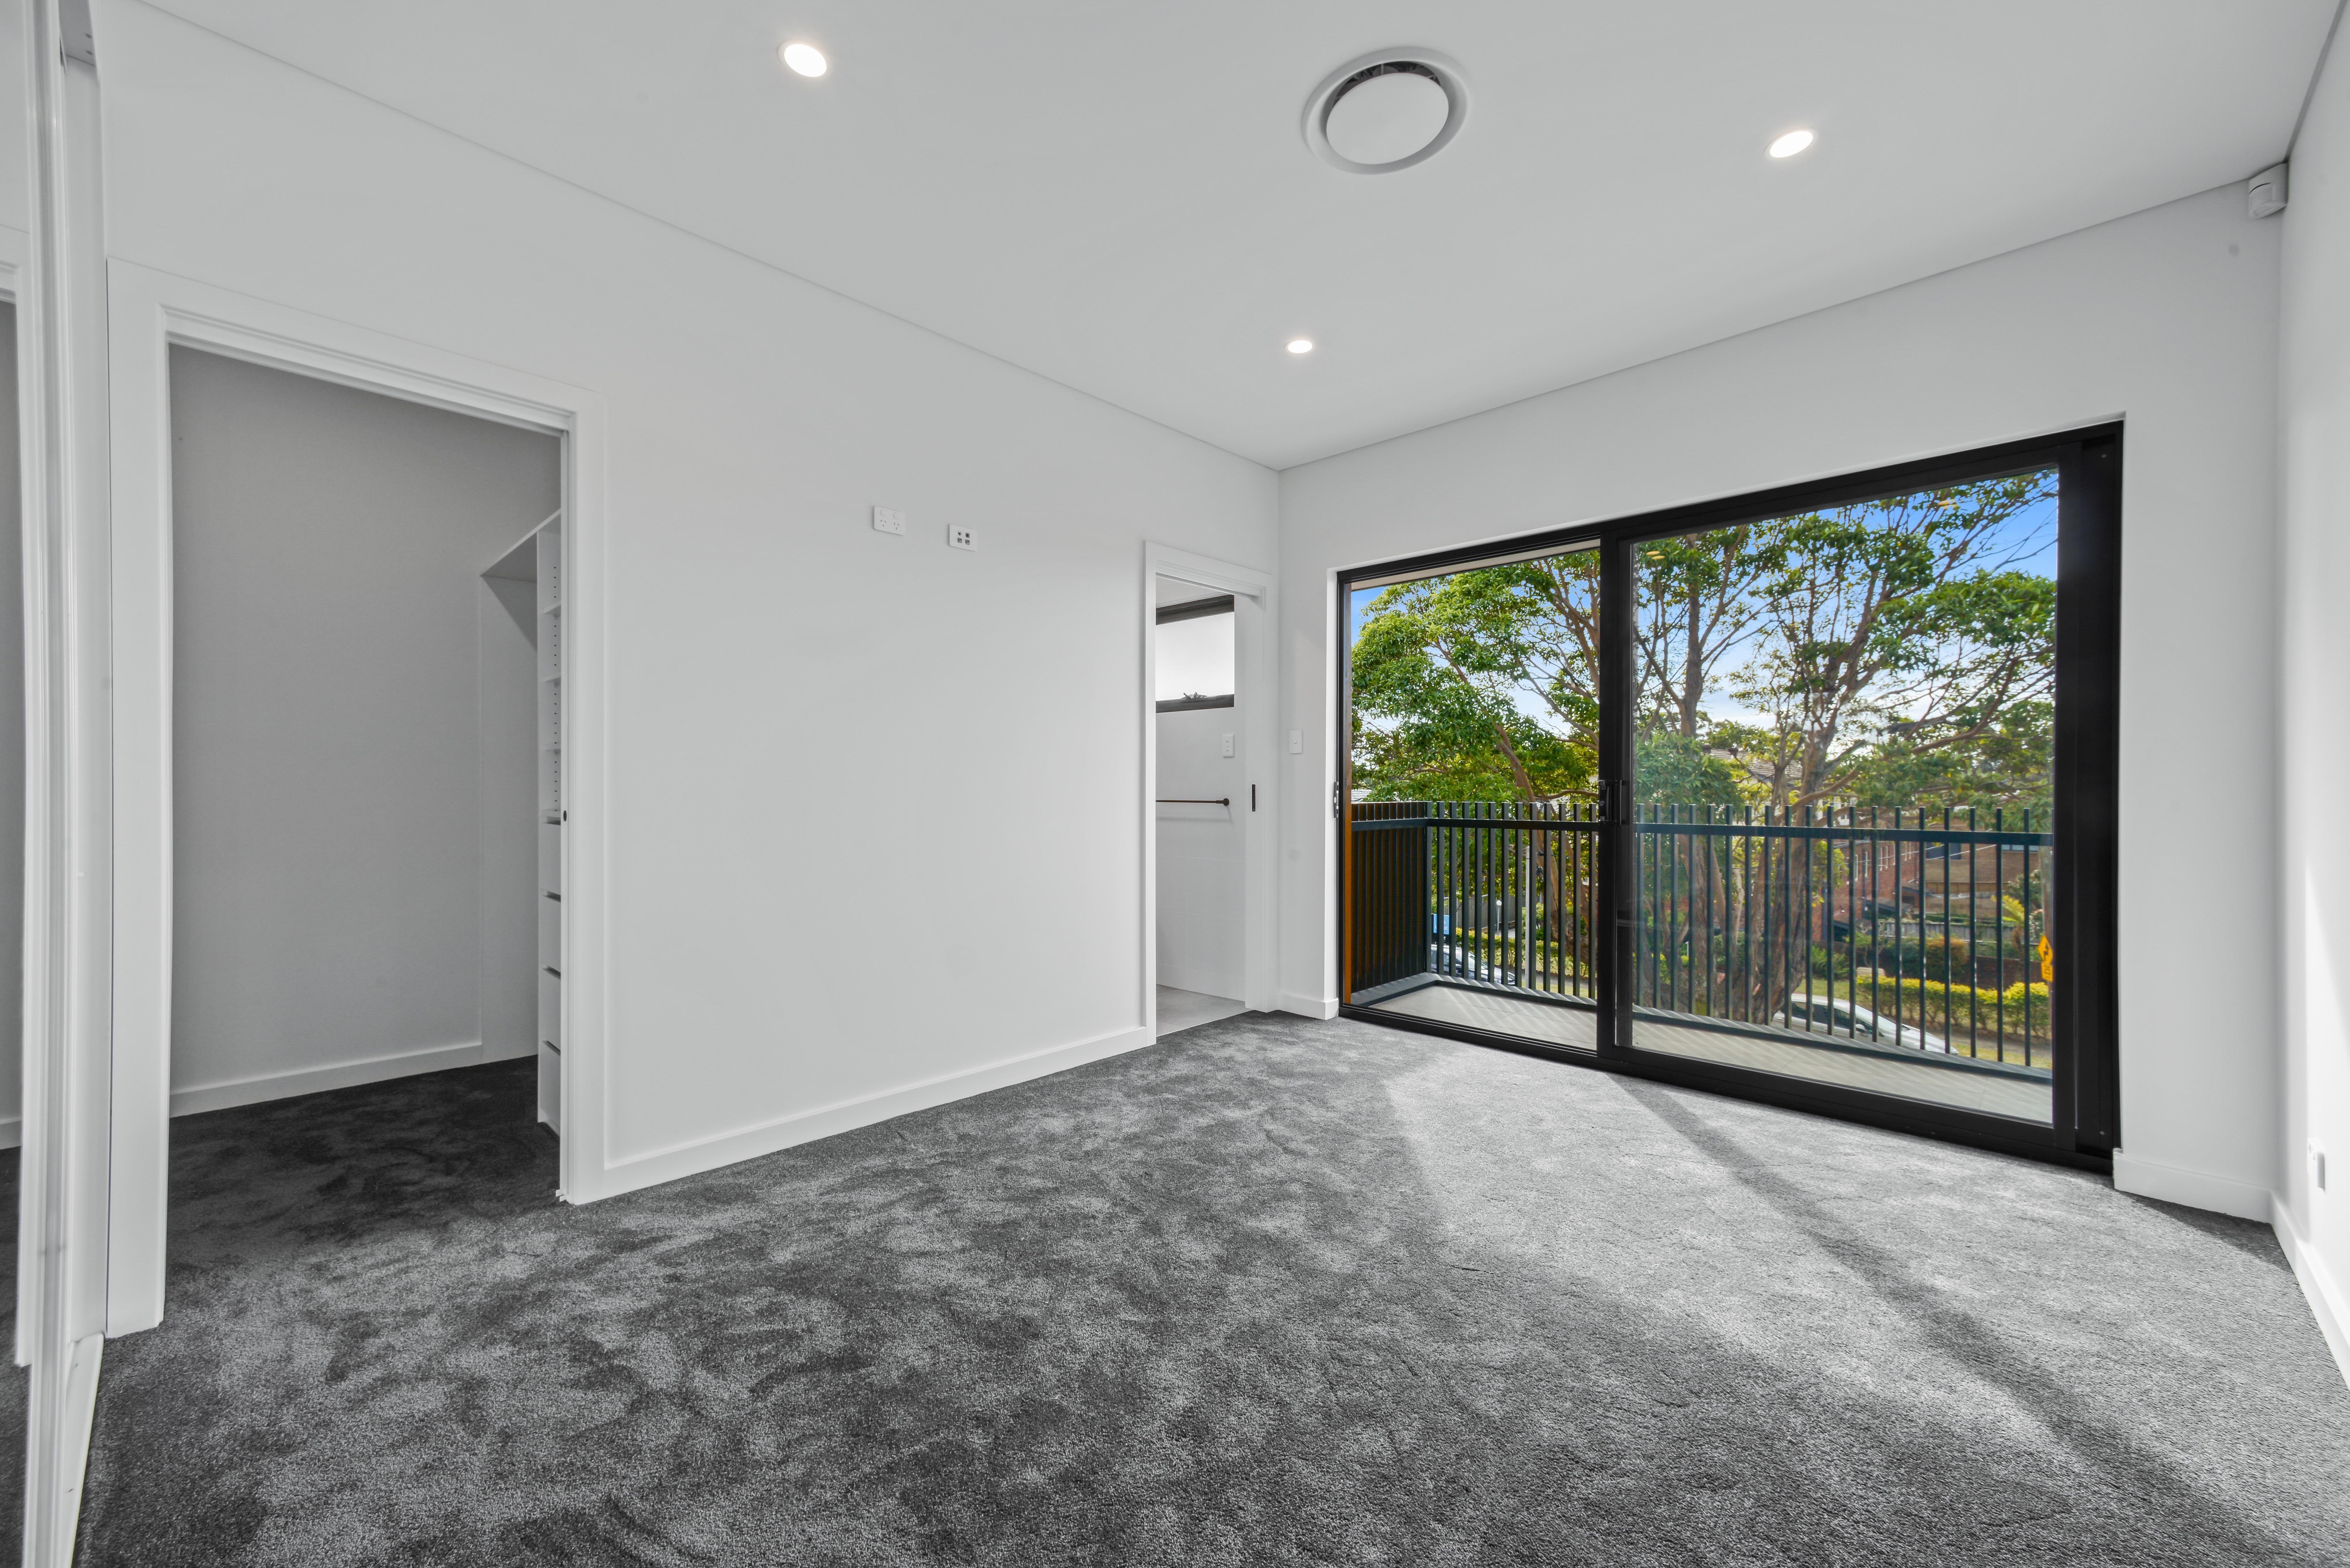 79 Edenholme Road, Wareemba NSW 2046